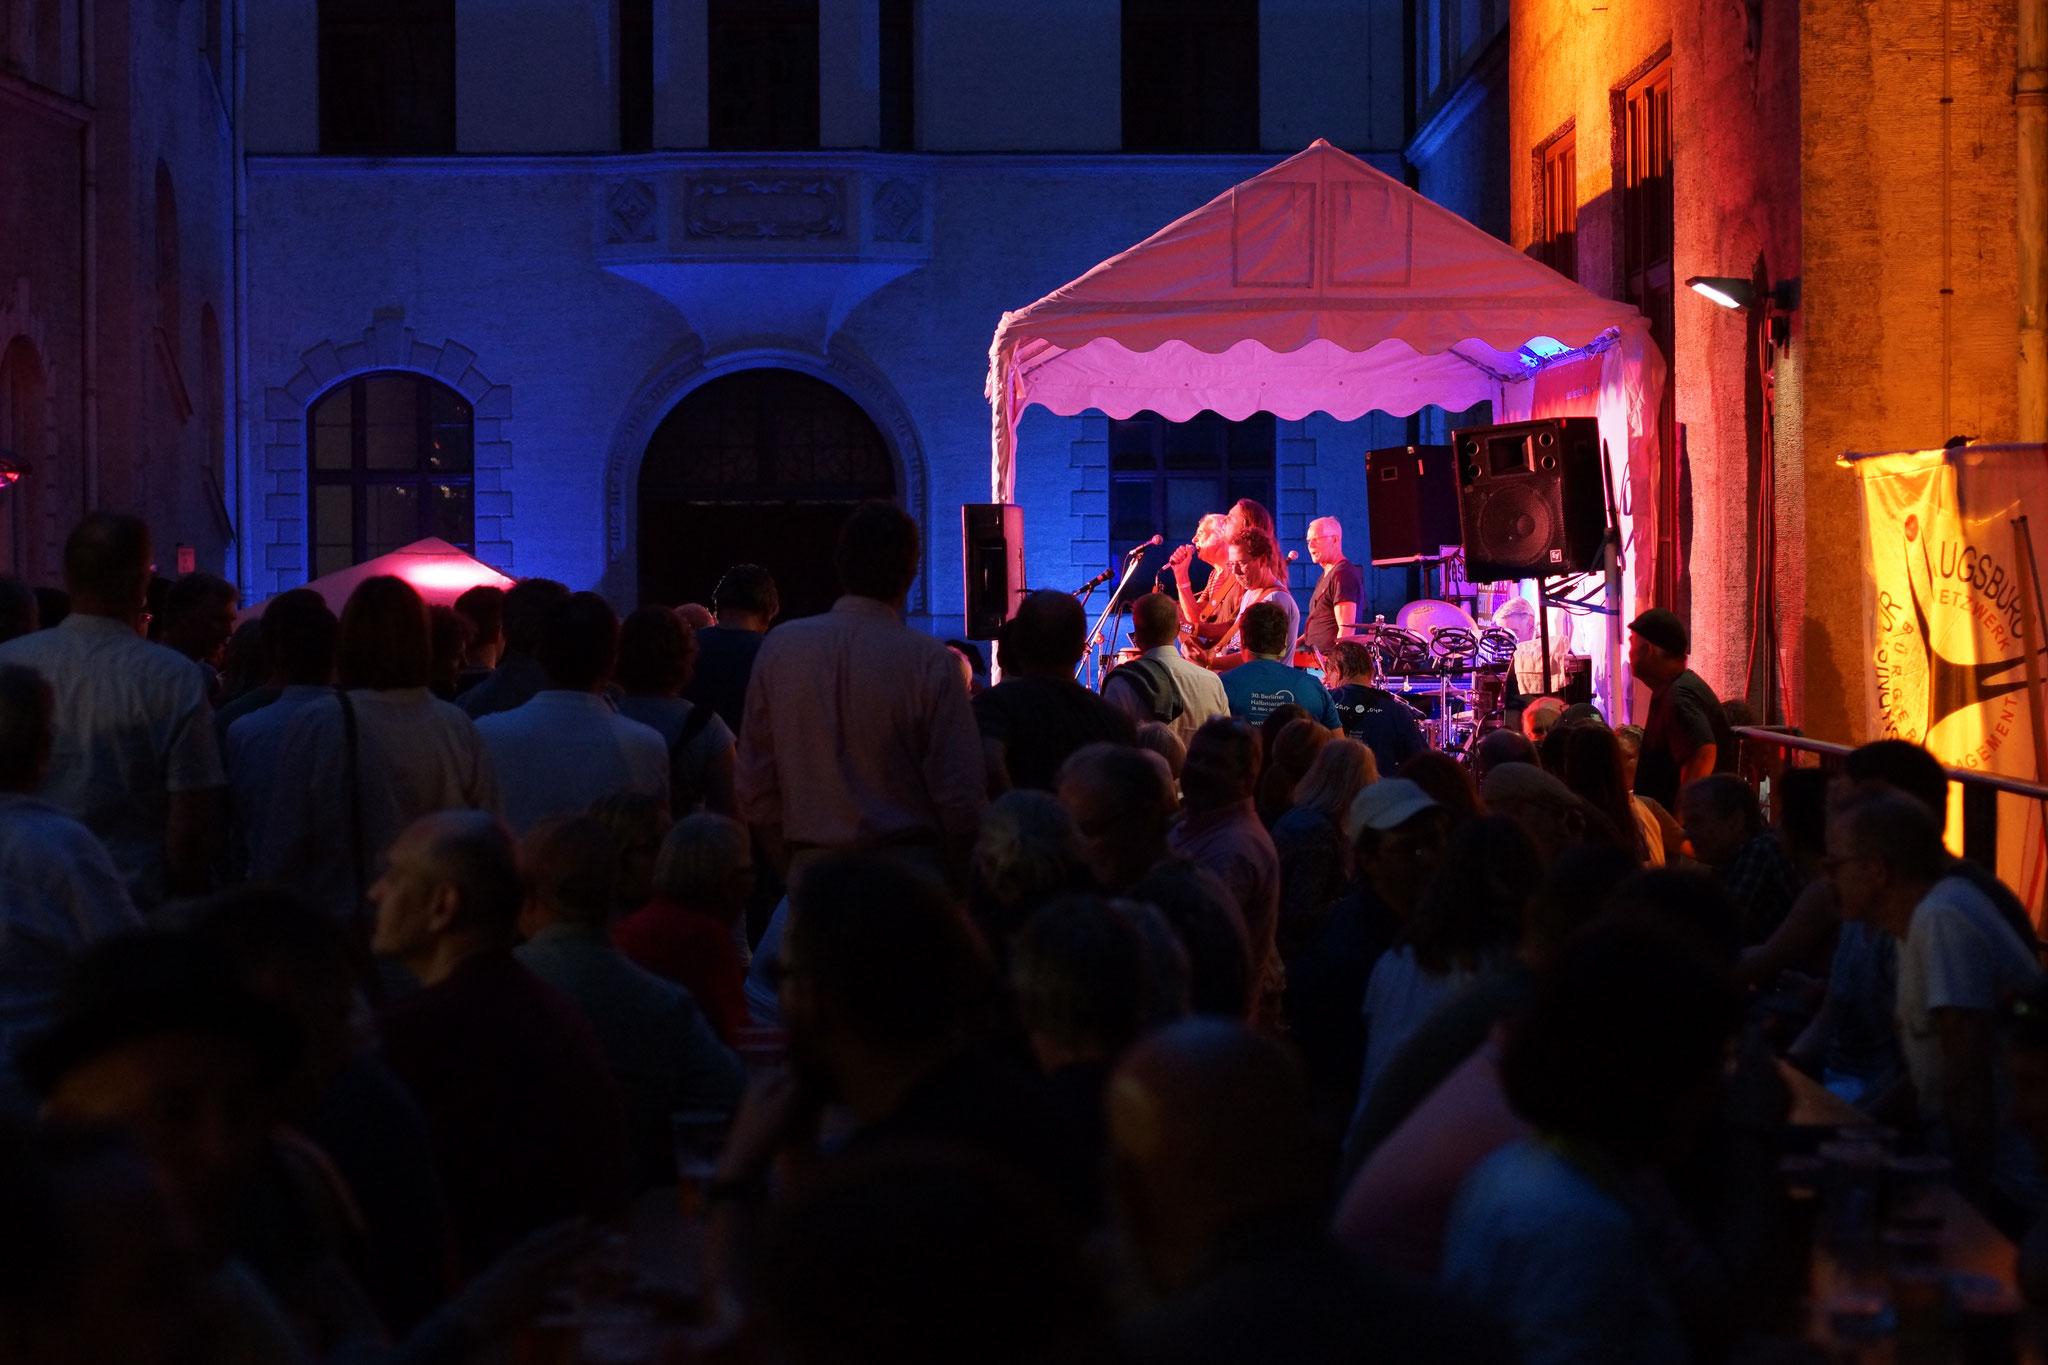 Konzerte im Bürgerhof 07.07.17 - Freiwilligen-Zentrum Augsburg - Foto: Crayfish